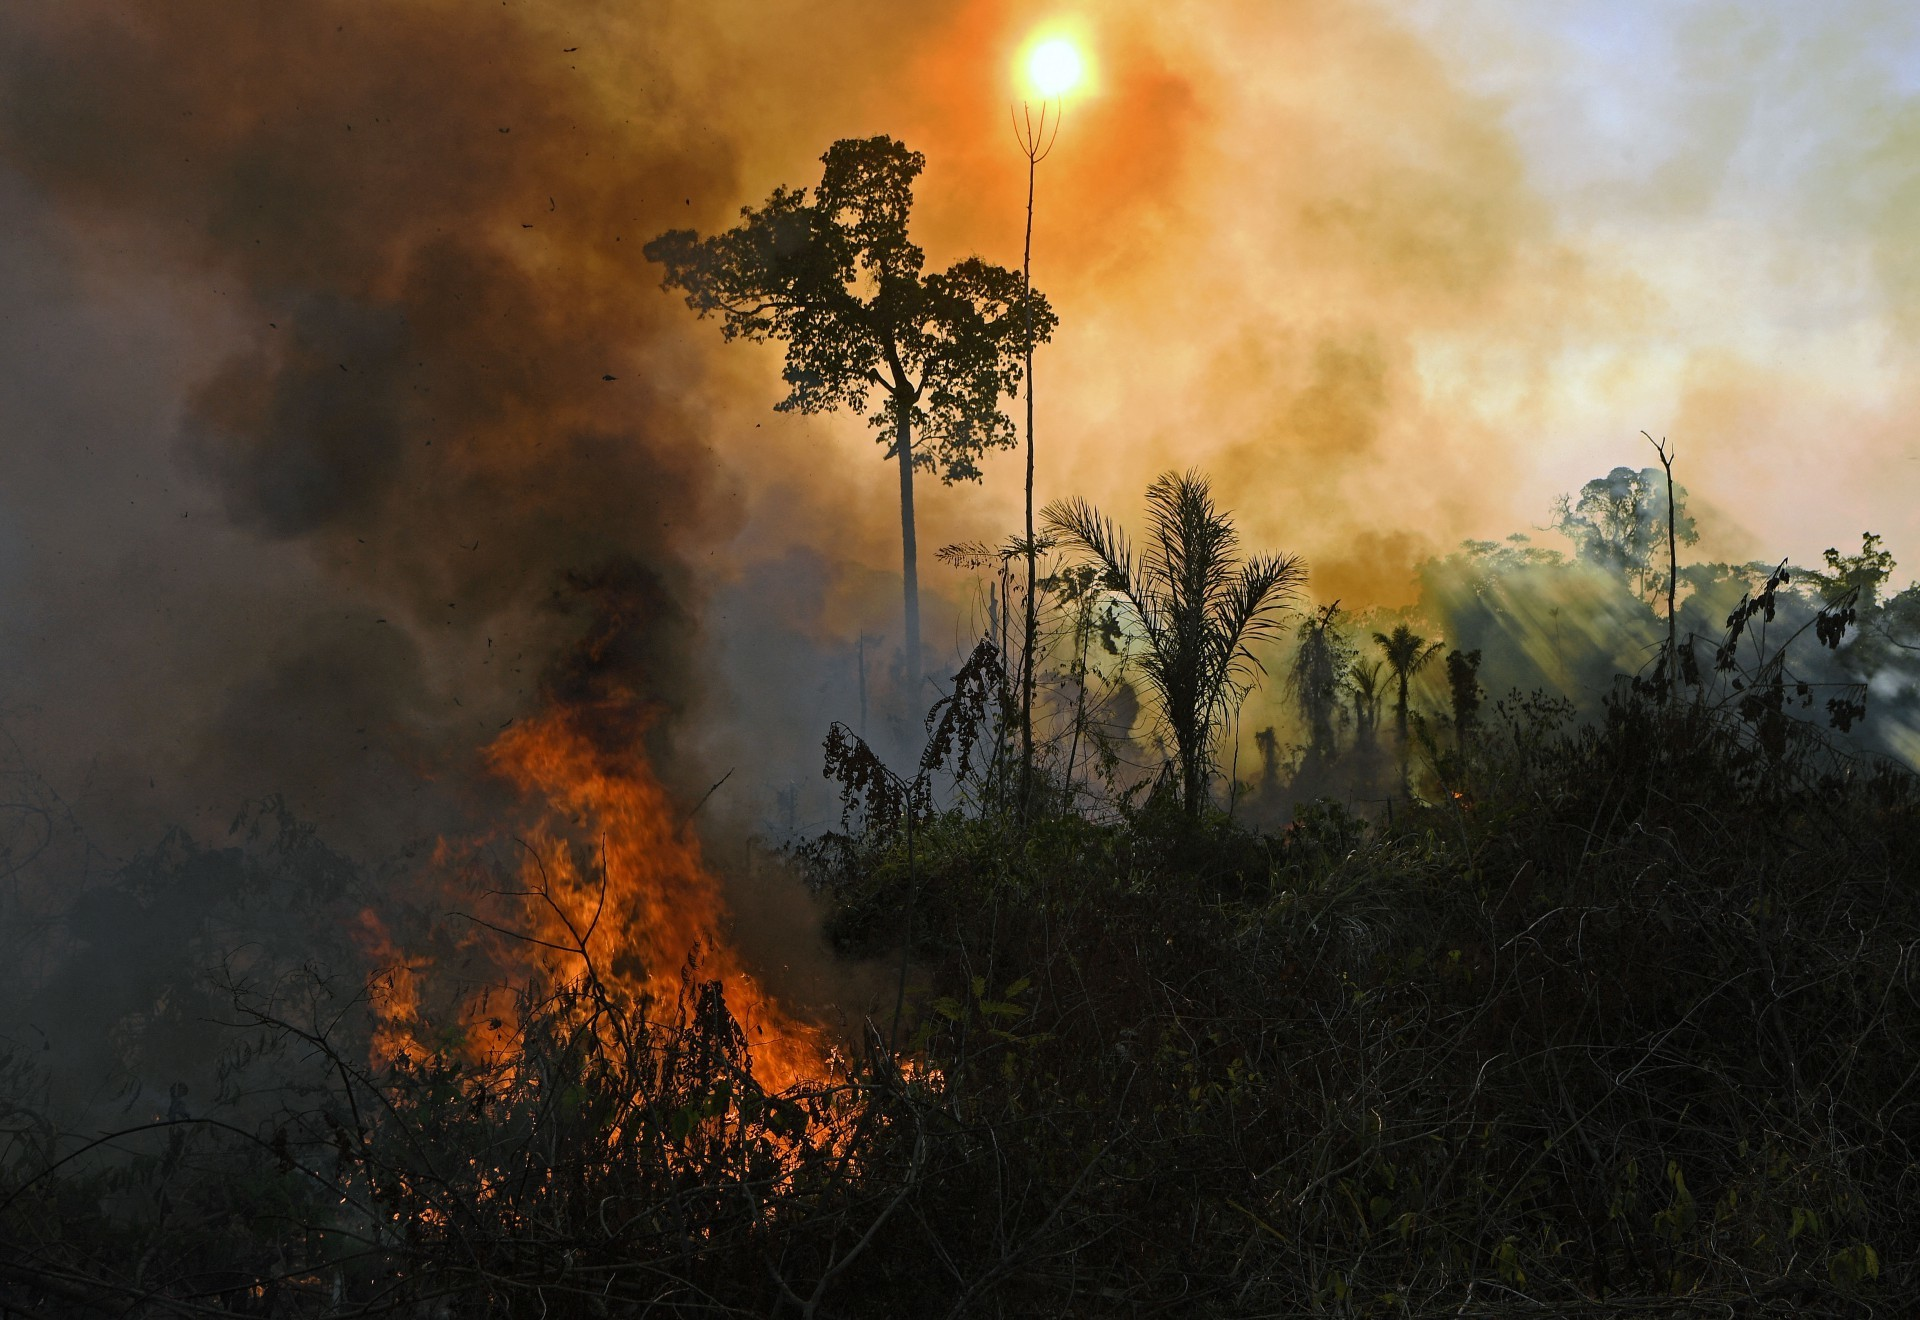 (ARQUIVOS) Neste arquivo, foto tirada em 15 de agosto de 2020, fumaça e chamas se erguem de um incêndio ilegalmente aceso na reserva da floresta amazônica, ao sul de Novo Progresso, no estado do Pará, Brasil. - O número de incêndios na Amazônia brasileira com o início da temporada de queimadas em agosto caiu ligeiramente em relação a 2020, mas permaneceu perto dos máximos de quase uma década vistos pelo presidente Jair Bolsonaro, novos dados mostraram em 1 de setembro de 2021. (Foto por CARL DE SOUZA / AFP) (Foto: CARL DE SOUZA / AFP)